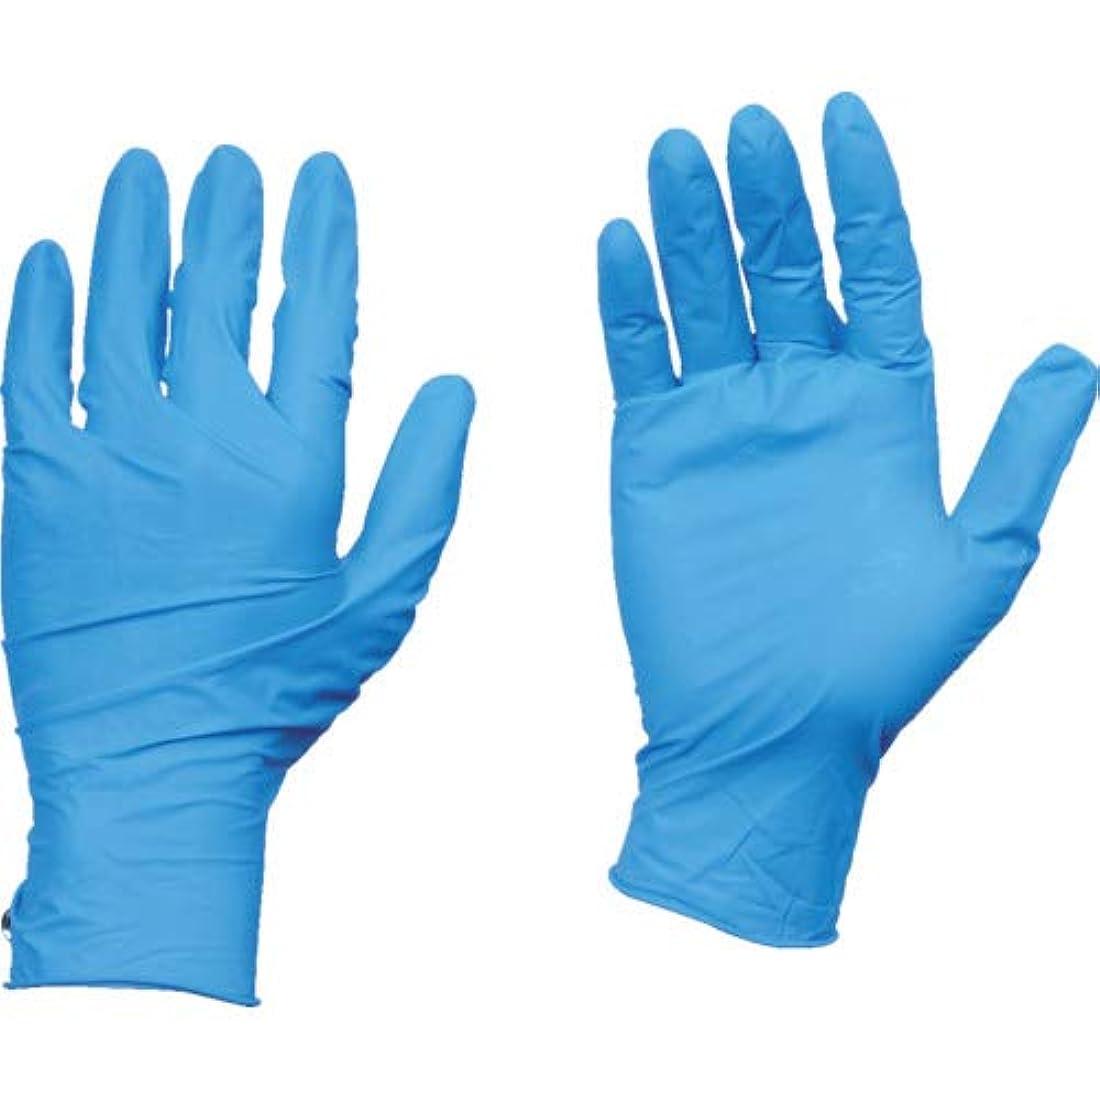 頑張るランデブー異常なTRUSCO(トラスコ) 10箱入り 使い捨て天然ゴム手袋TGワーク 0.10 粉付青M TGPL10BM10C